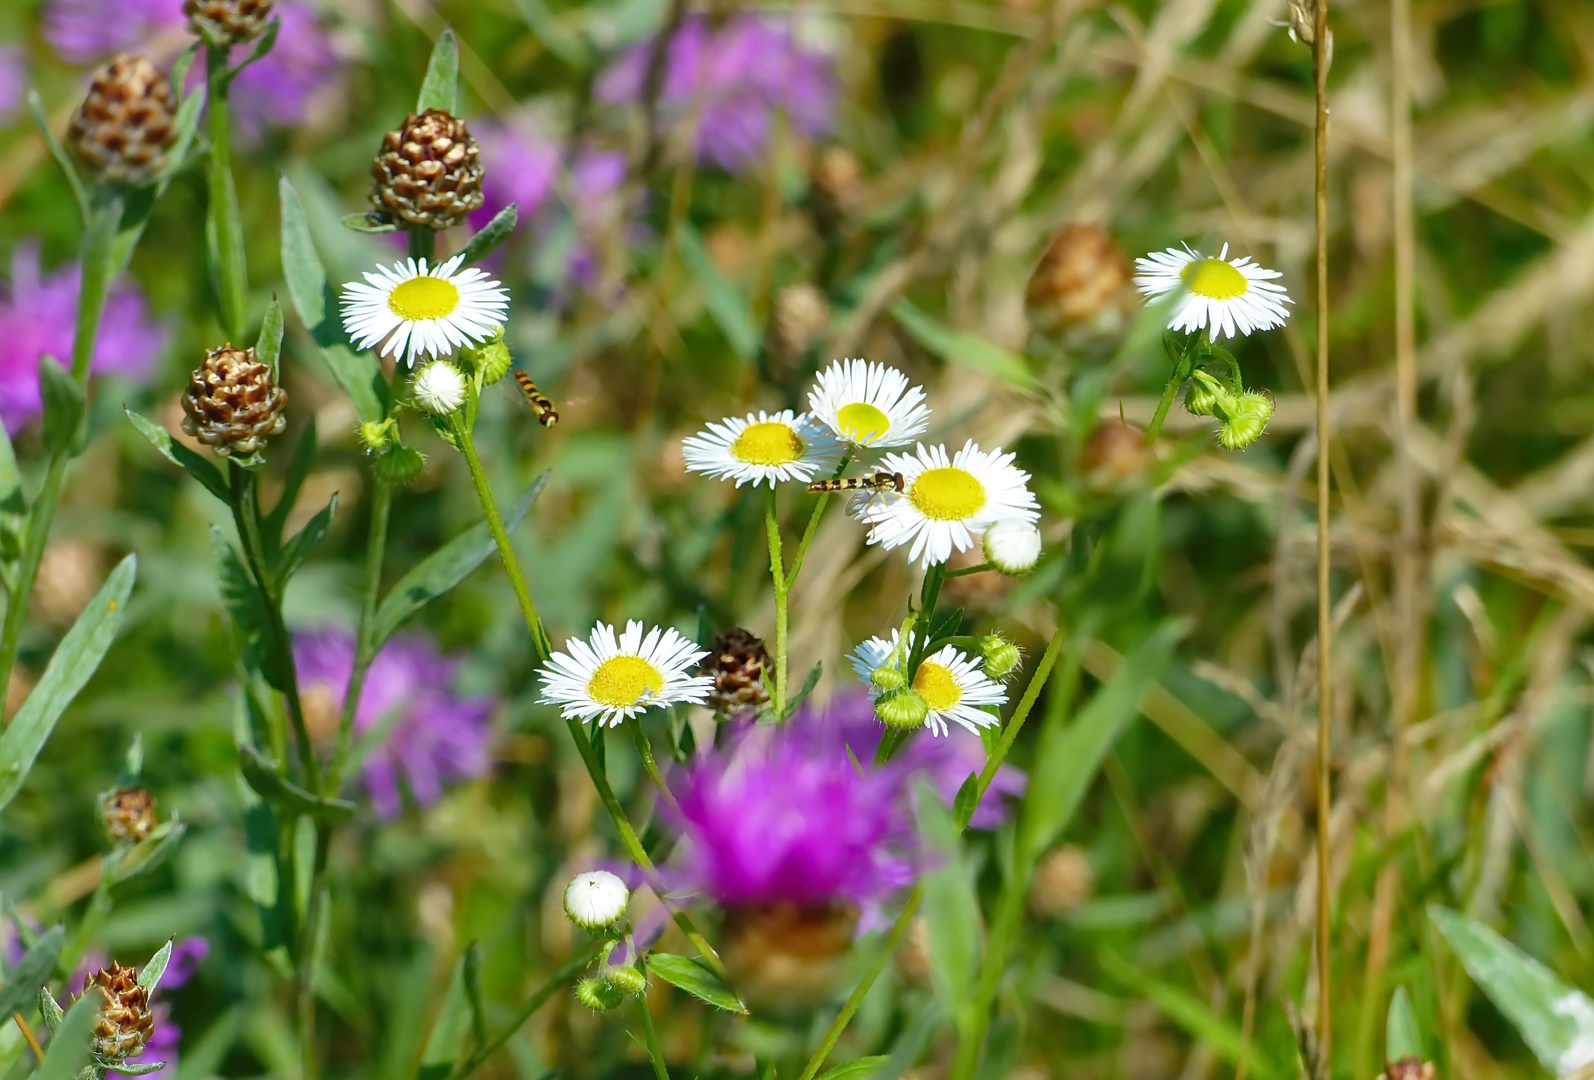 Mitten in der Blumenwiese     ( Mittwochsblümchen)